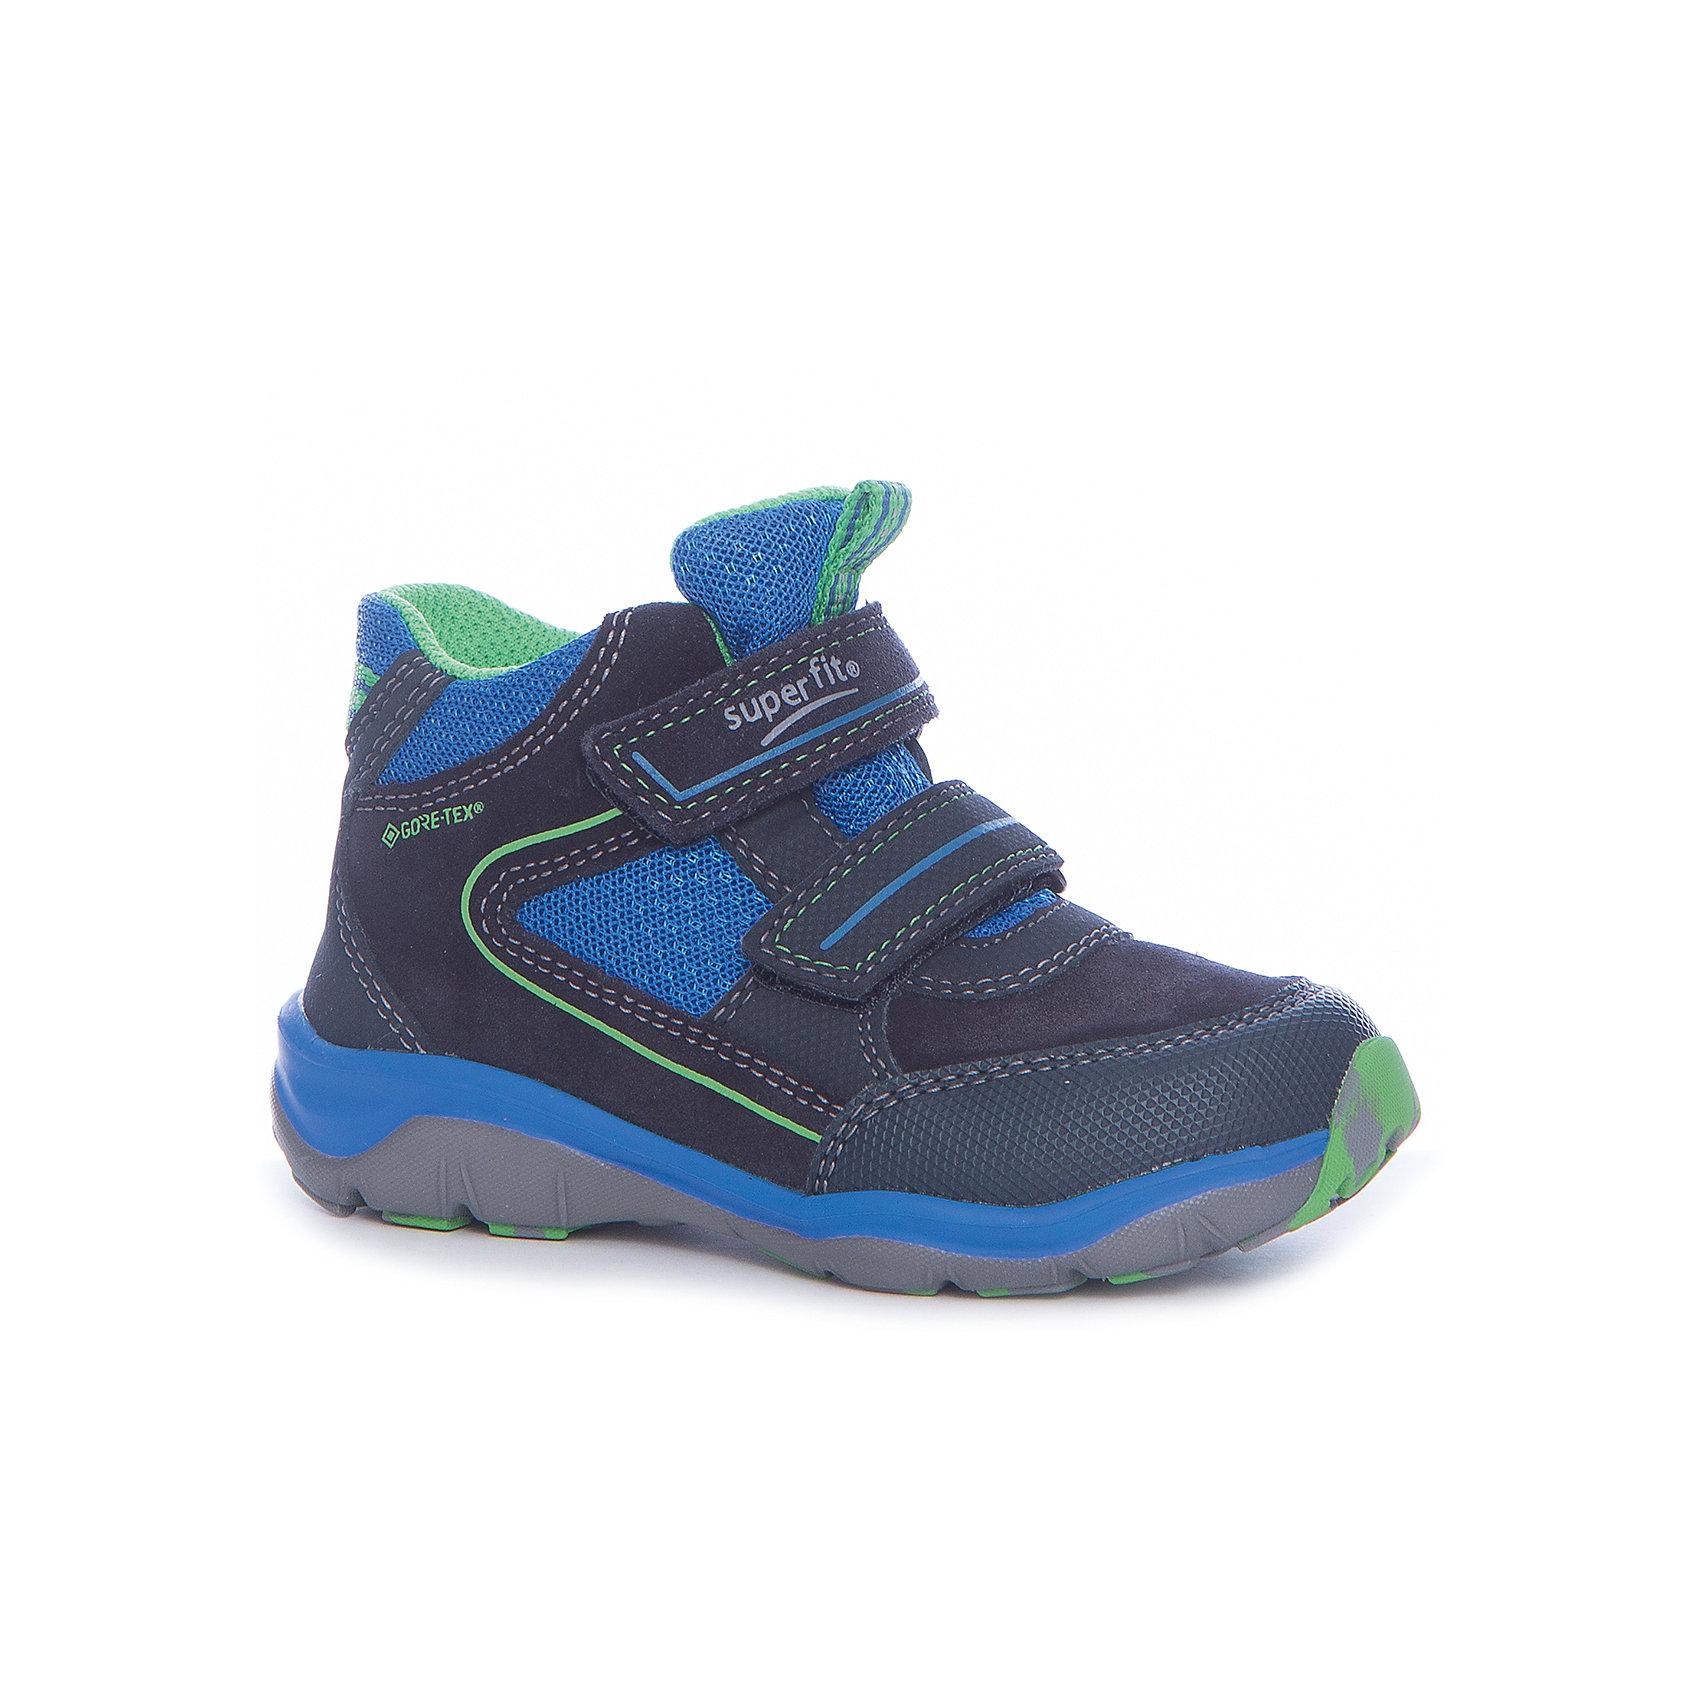 Ботинки Superfit для мальчикаБотинки<br>Характеристики товара:<br><br>• цвет: синий<br>• внешний материал: замша, текстиль<br>• внутренний материал: текстиль<br>• стелька: кожа<br>• подошва: полимер<br>• сезон: демисезон<br>• мембранные<br>• температурный режим: от -10 до +10<br>• особенности модели: спортивный стиль<br>• застежка: липучка<br>• защита мыса <br>• анатомические <br>• подошва не скользит<br>• страна бренда: Австрия<br>• страна изготовитель: Вьетнам<br><br>Демисезонные ботинки для мальчика Superfit легко надеваются и хорошо держатся на ноге благодаря надежной липучке. Удобные ботинки с мембраной Gore-Tex имеют устойчивую подошву и удобную застежку. <br><br>Обувь Superfit не требует сложного ухода. Большинство загрязнений легко удаляются влажной губкой, сильные загрязнения можно смыть под струей воды сразу после прогулки.<br><br>Ботинки для мальчика Superfit (Суперфит) можно купить в нашем интернет-магазине.<br><br>Ширина мм: 262<br>Глубина мм: 176<br>Высота мм: 97<br>Вес г: 427<br>Цвет: синий<br>Возраст от месяцев: 21<br>Возраст до месяцев: 24<br>Пол: Мужской<br>Возраст: Детский<br>Размер: 24,32,25,26,27,28,29,30,31<br>SKU: 7051208